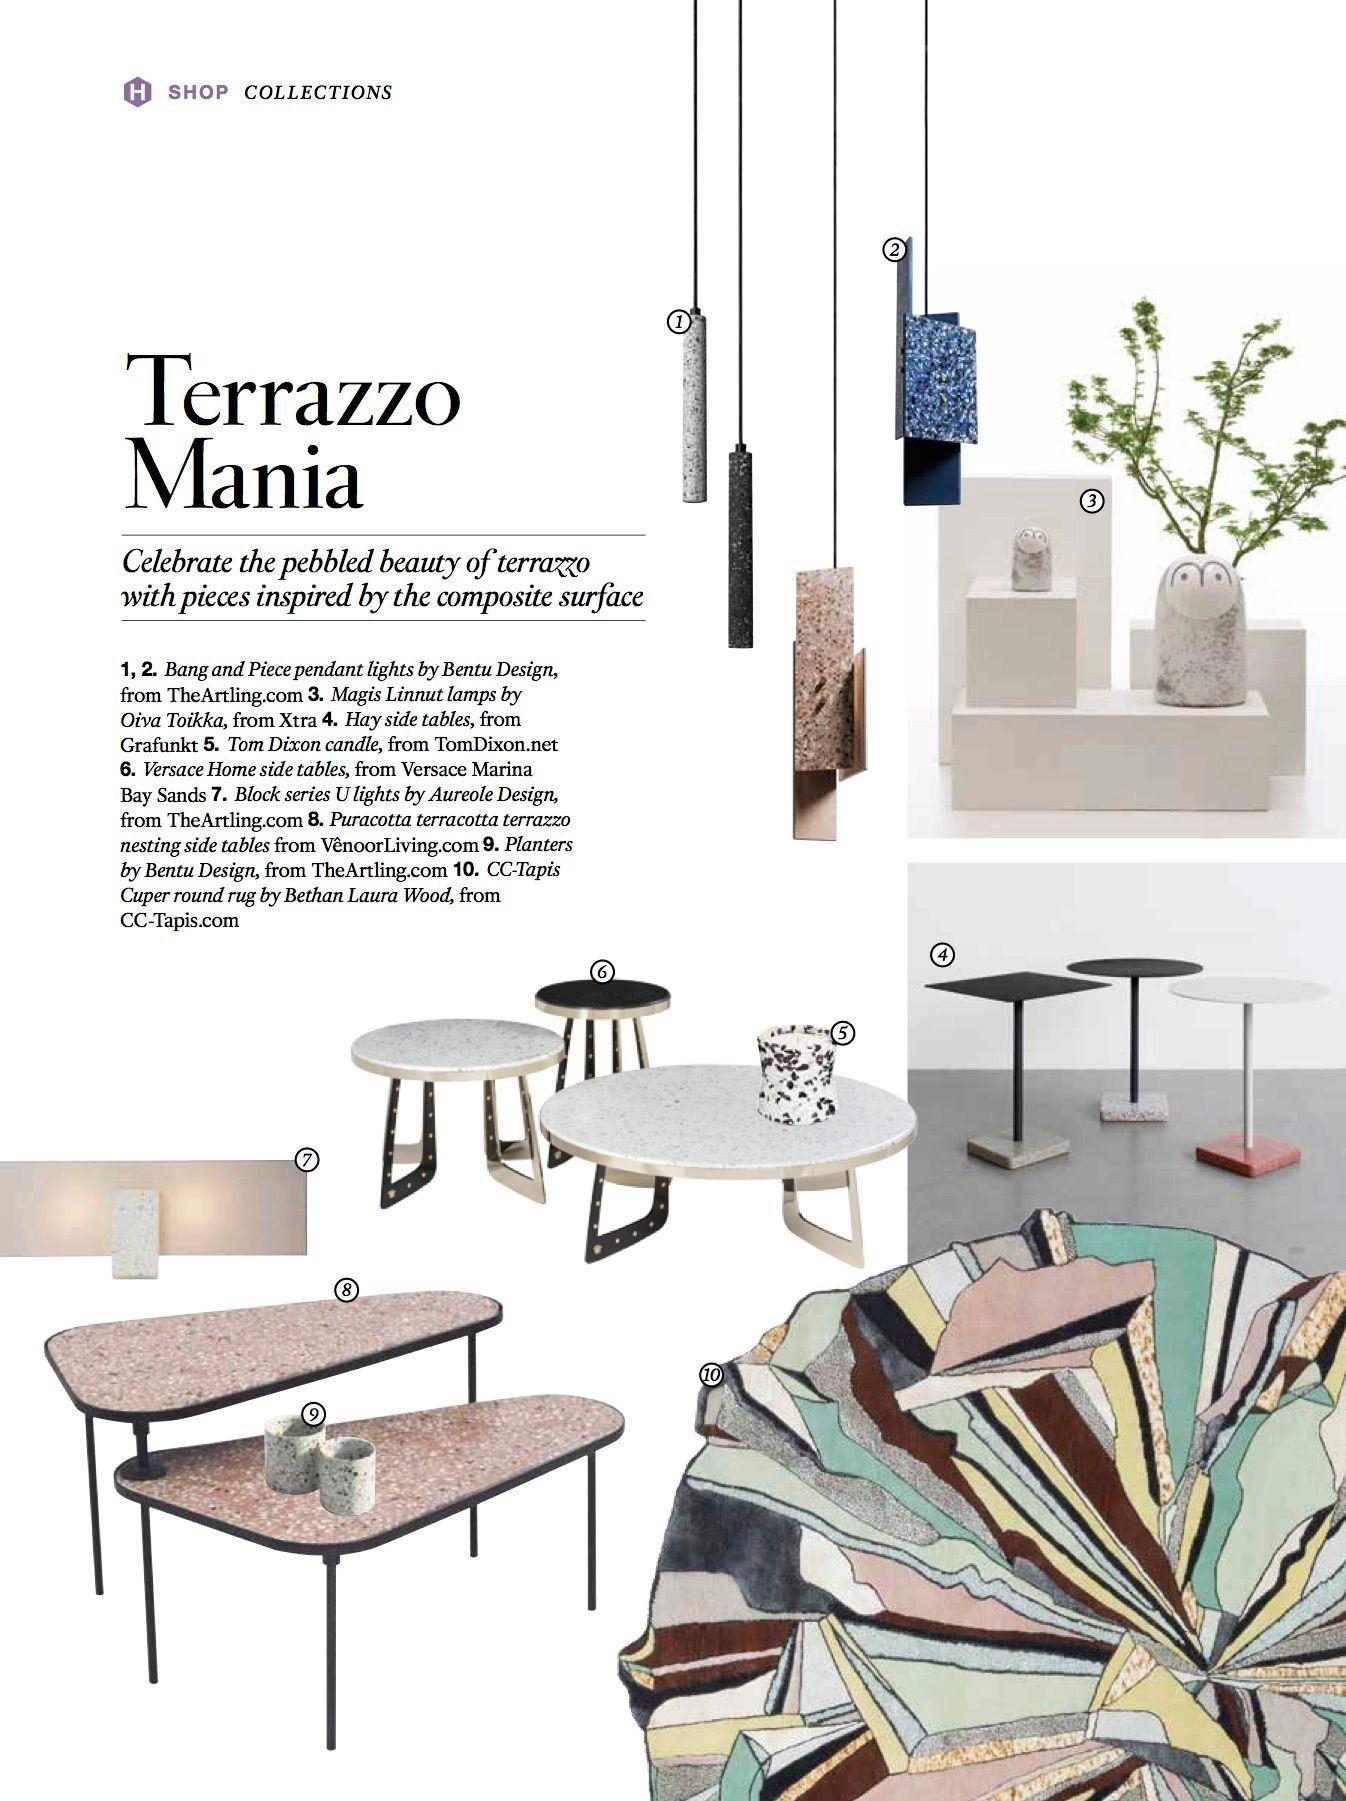 Terrazzo Mania